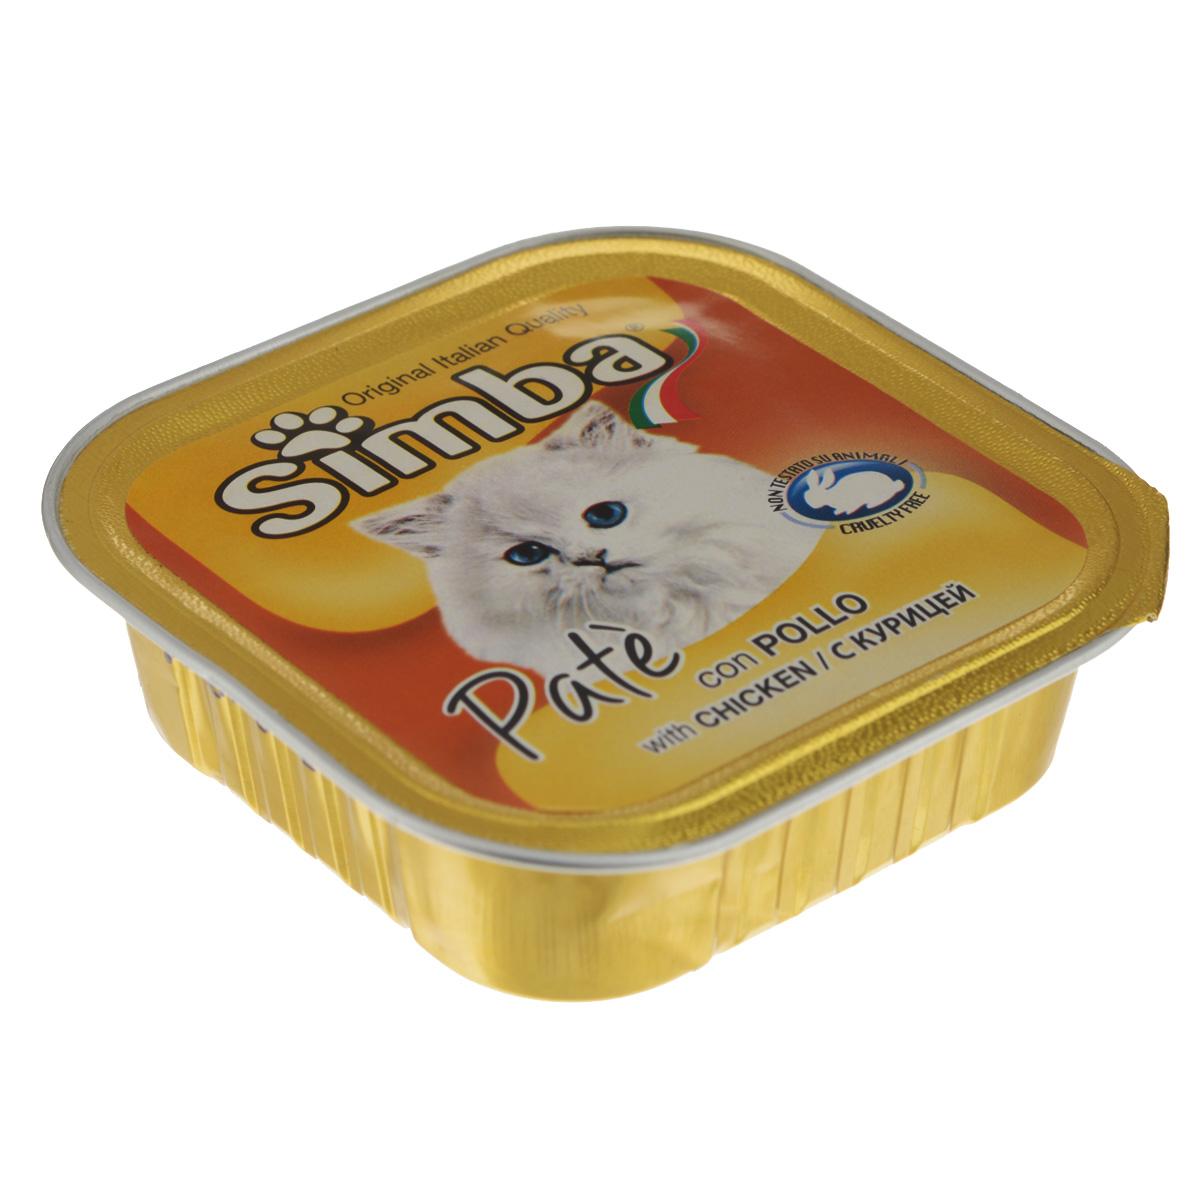 Консервы Monge Simba для взрослых кошек, паштет с курицей, 100 г70009225Консервы Monge Simba - полнорационный корм для взрослых кошек. Без добавления консервантов и антиоксидантов. Экологически чистое производство гарантирует высочайшее качество и длительные сроки хранения консервов. Тщательный отбор сырья и содержащийся в нем полный набор витаминов и микроэлементов обеспечивает отличную усвояемость и отсутствие проблем с пищеварением у ваших любимых питомцев. Состав: мясо и мясные субпродукты (мясо курицы 6%), каррагенин, минеральные вещества, натуральные красители и вкусовые добавки.Пищевая ценность: протеин 8,0%, жир 7,5%, зола 2,1%, клетчатка 0,4%, влажность 82%. Добавки на кг: витамин А: 1 200; витамин D3: 160; витамин Е: 5 мг/кг.Товар сертифицирован.